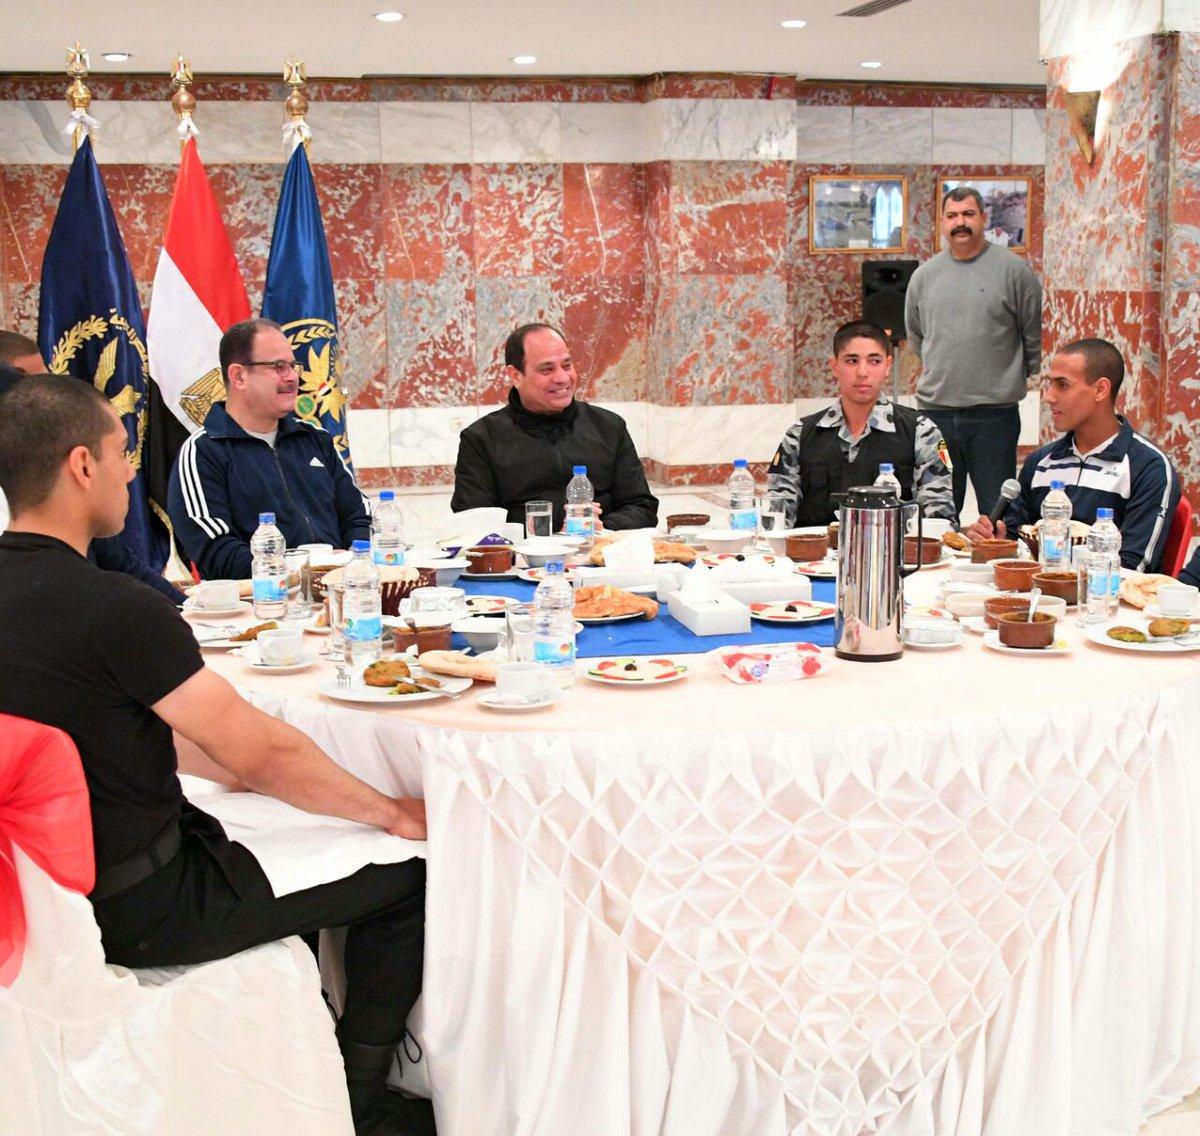 شاهد بالصور| الرئيس السيسي يتناول فطاره مع طلاب كلية الشرطة 4